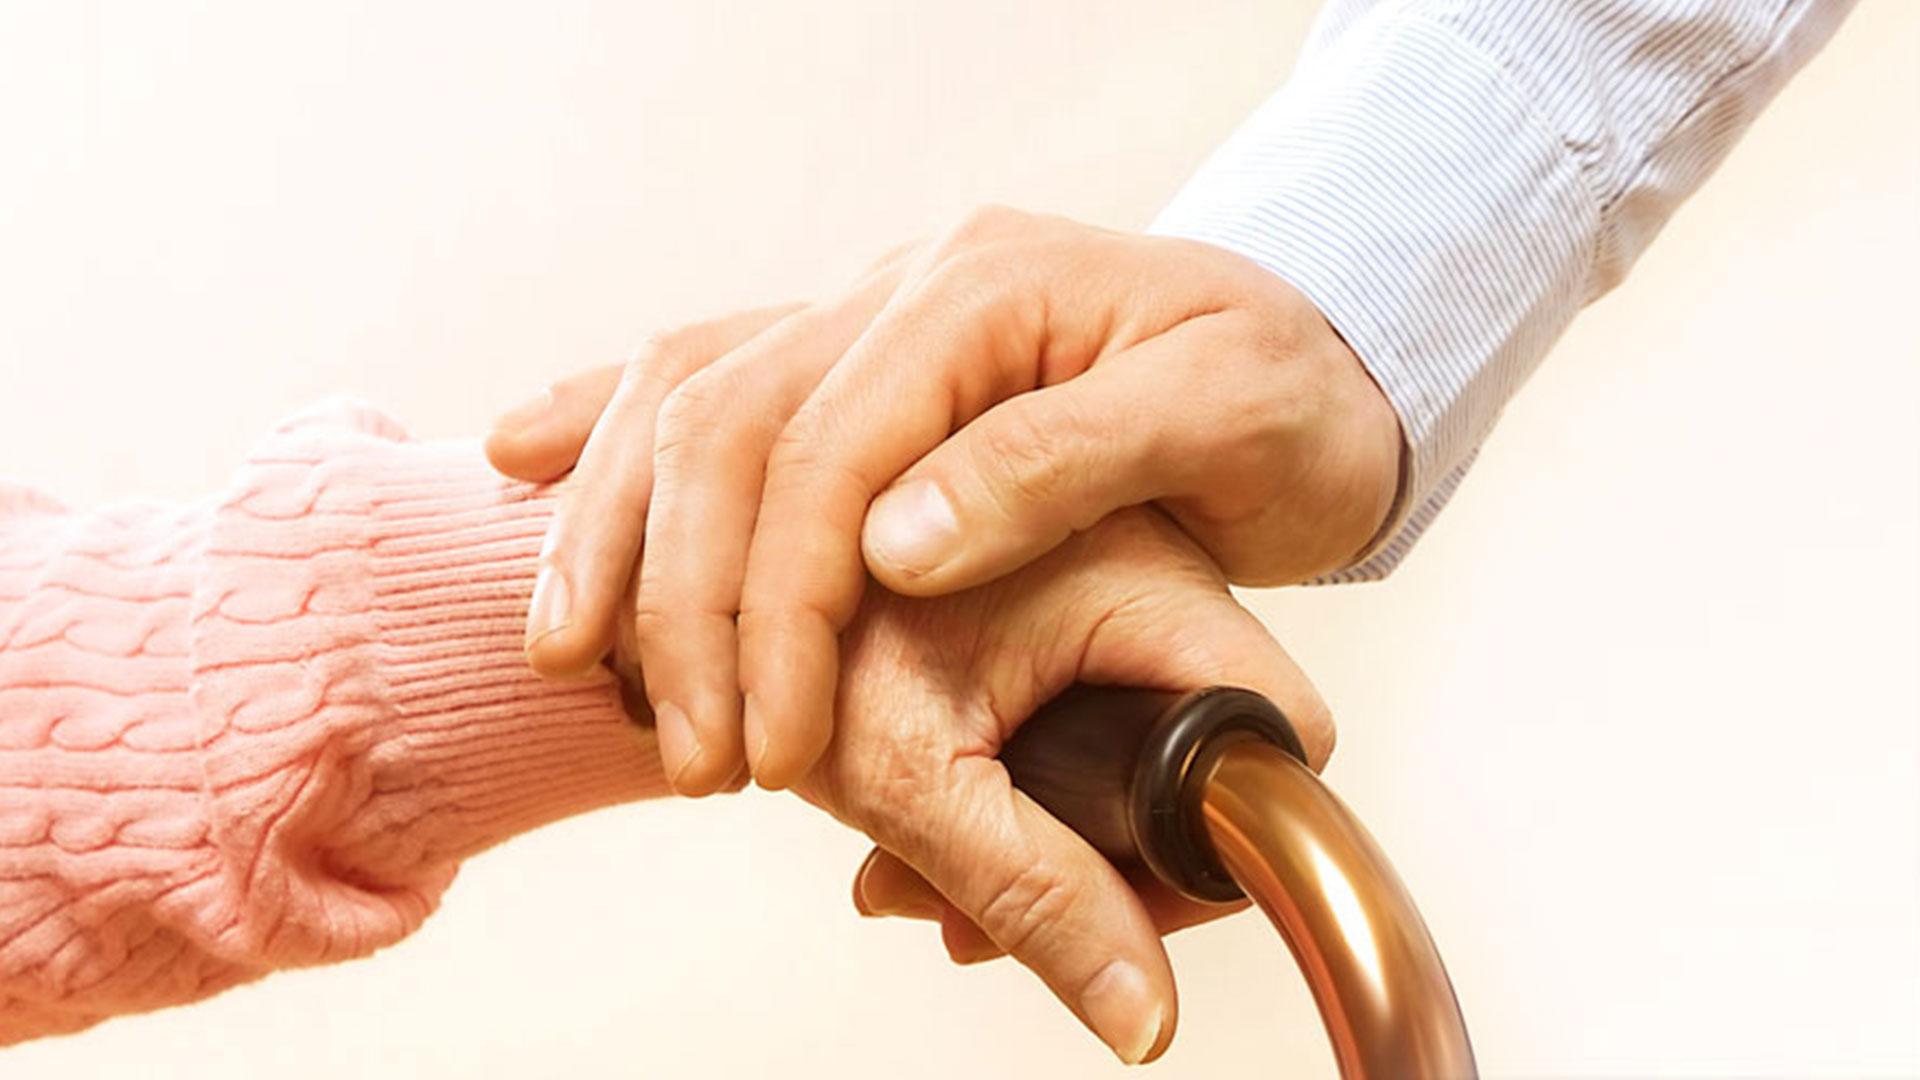 دار ملك الرحمة لرعاية المسنين والرعاية الصحية لكبار السن في الشيخ زايد - مدينة 6 اكتوبر - الجيزة